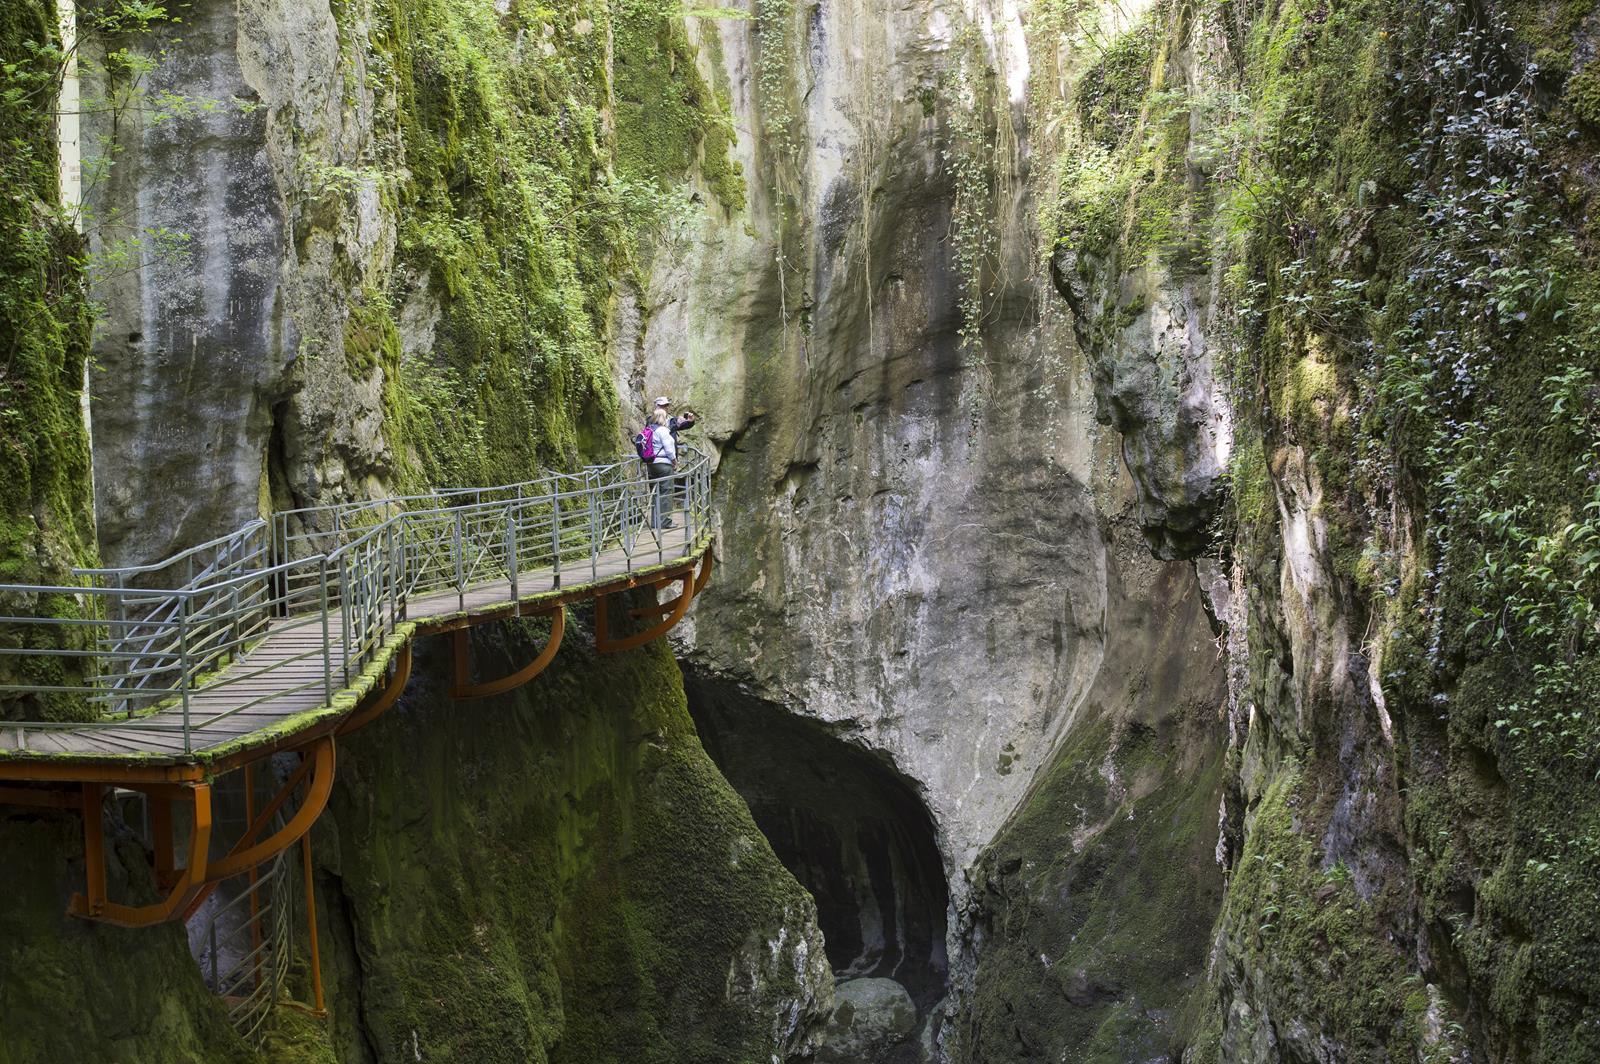 Les Gorges du Fier – Lovagny